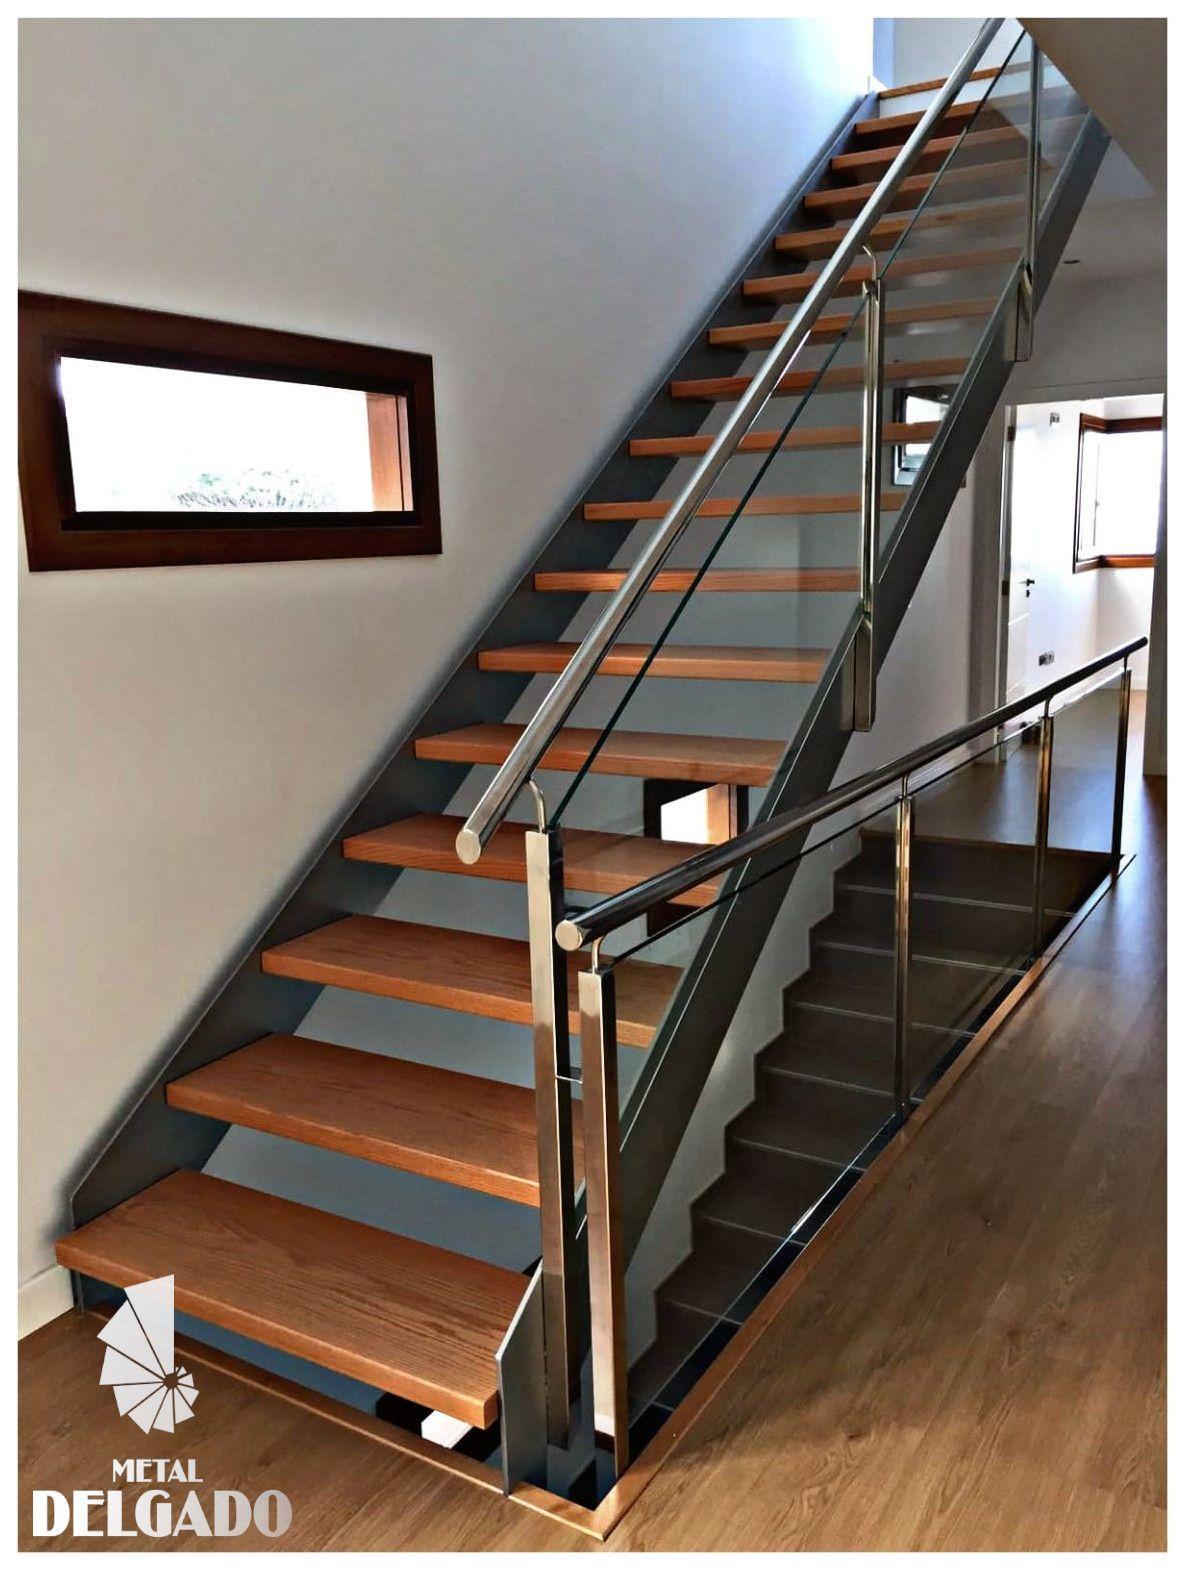 Escaleras met licas metal delgado s l tenerife - Fotos en escaleras ...